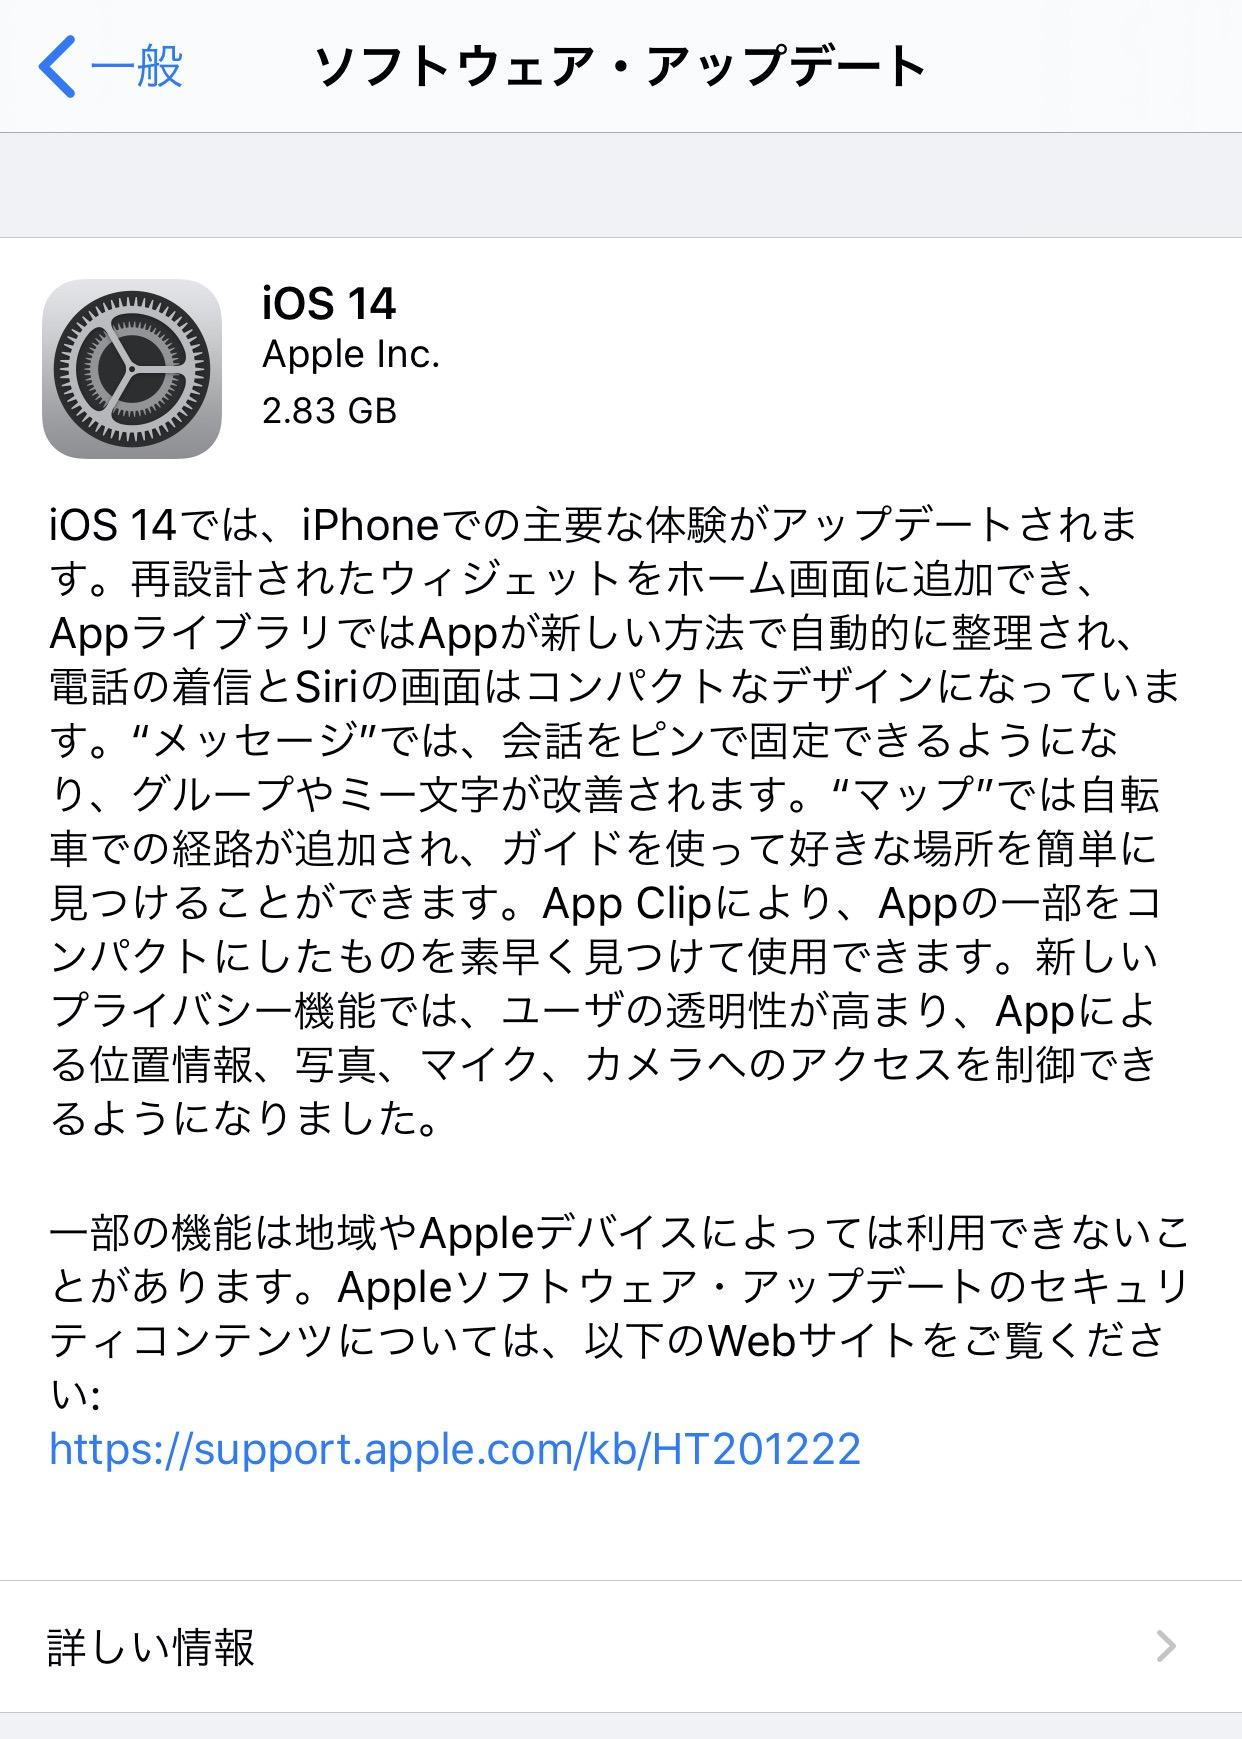 【iOS 14】「iOS 14」正式リリース!ただしダウンロードに時間がかかるのでアップデートのタイミングに注意